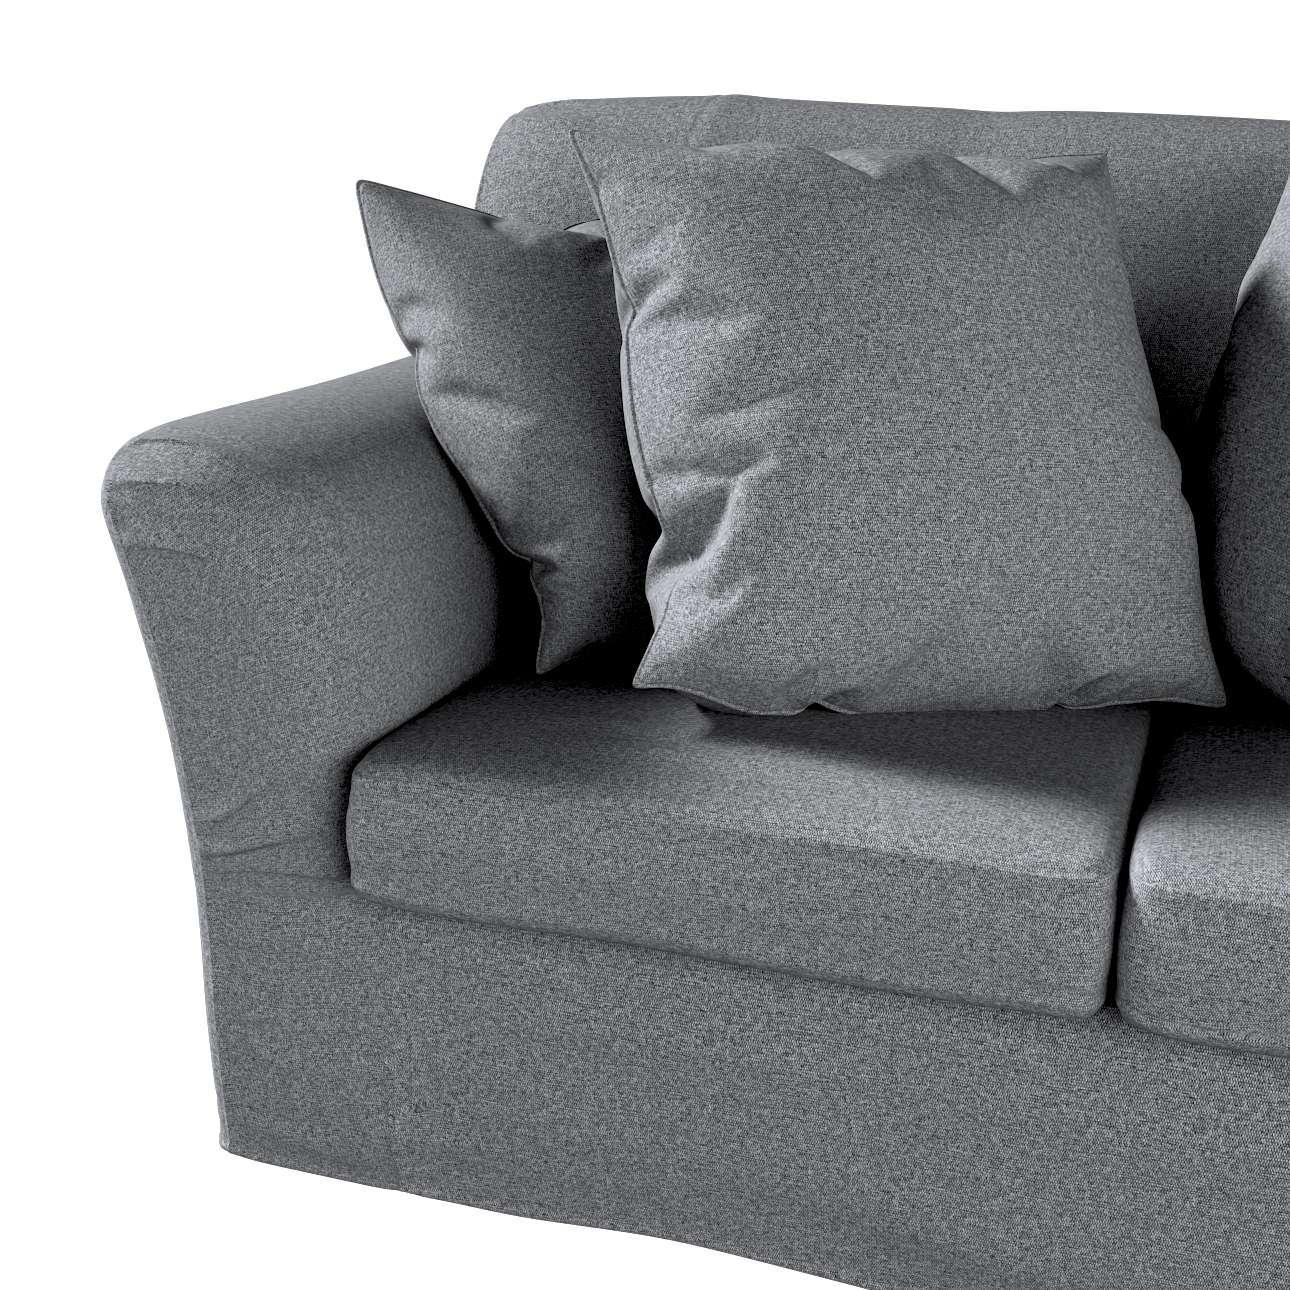 Pokrowiec na sofę Tomelilla 2-osobową nierozkładaną w kolekcji Amsterdam, tkanina: 704-47